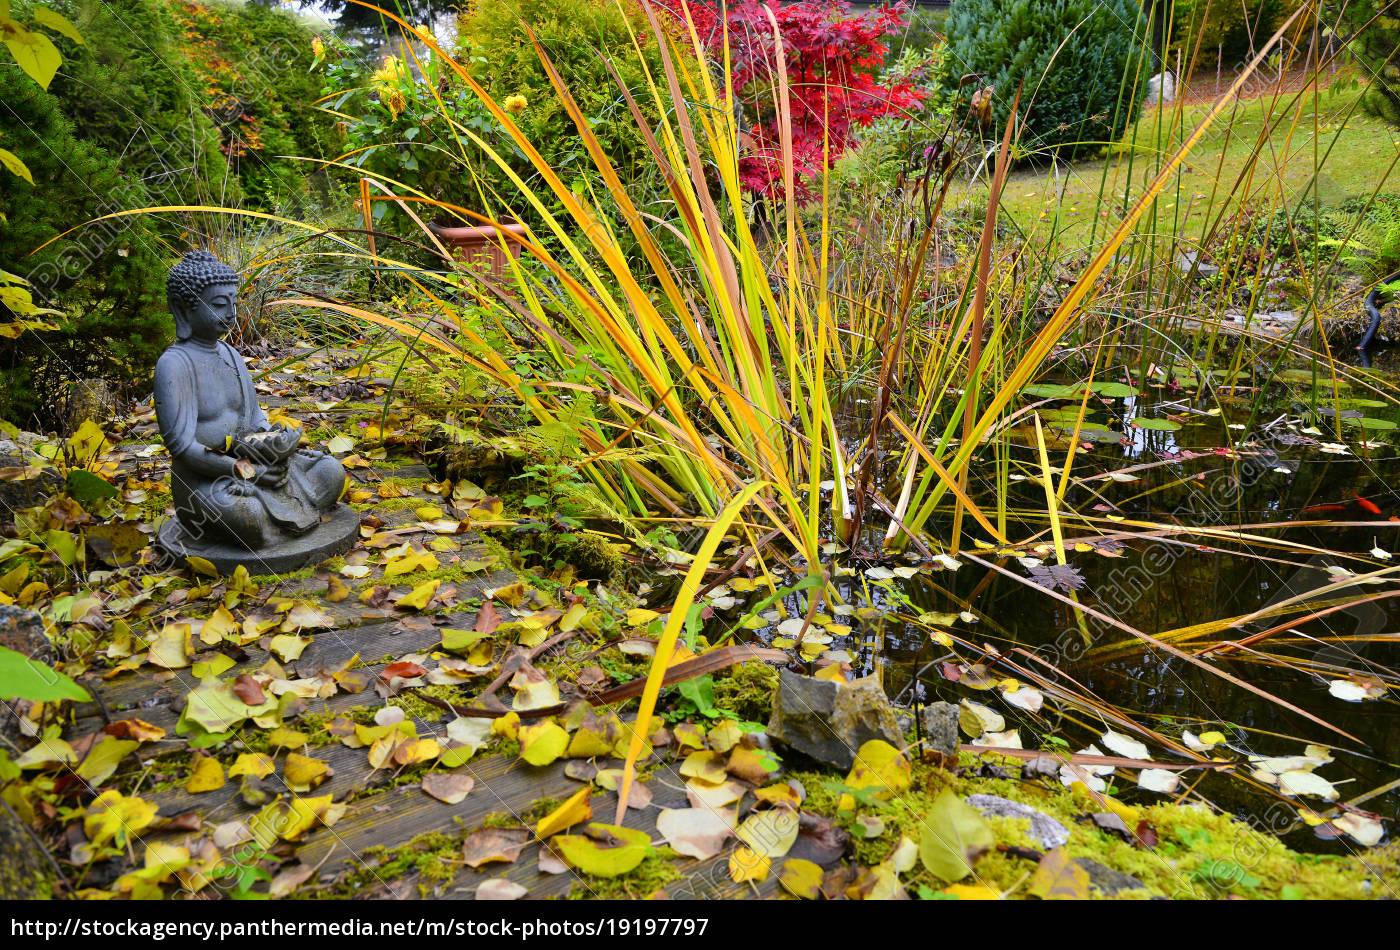 Lizenzfreies Bild 19197797 Bunter Herbst Im Garten An Einem Teich Mit Einem Buddha